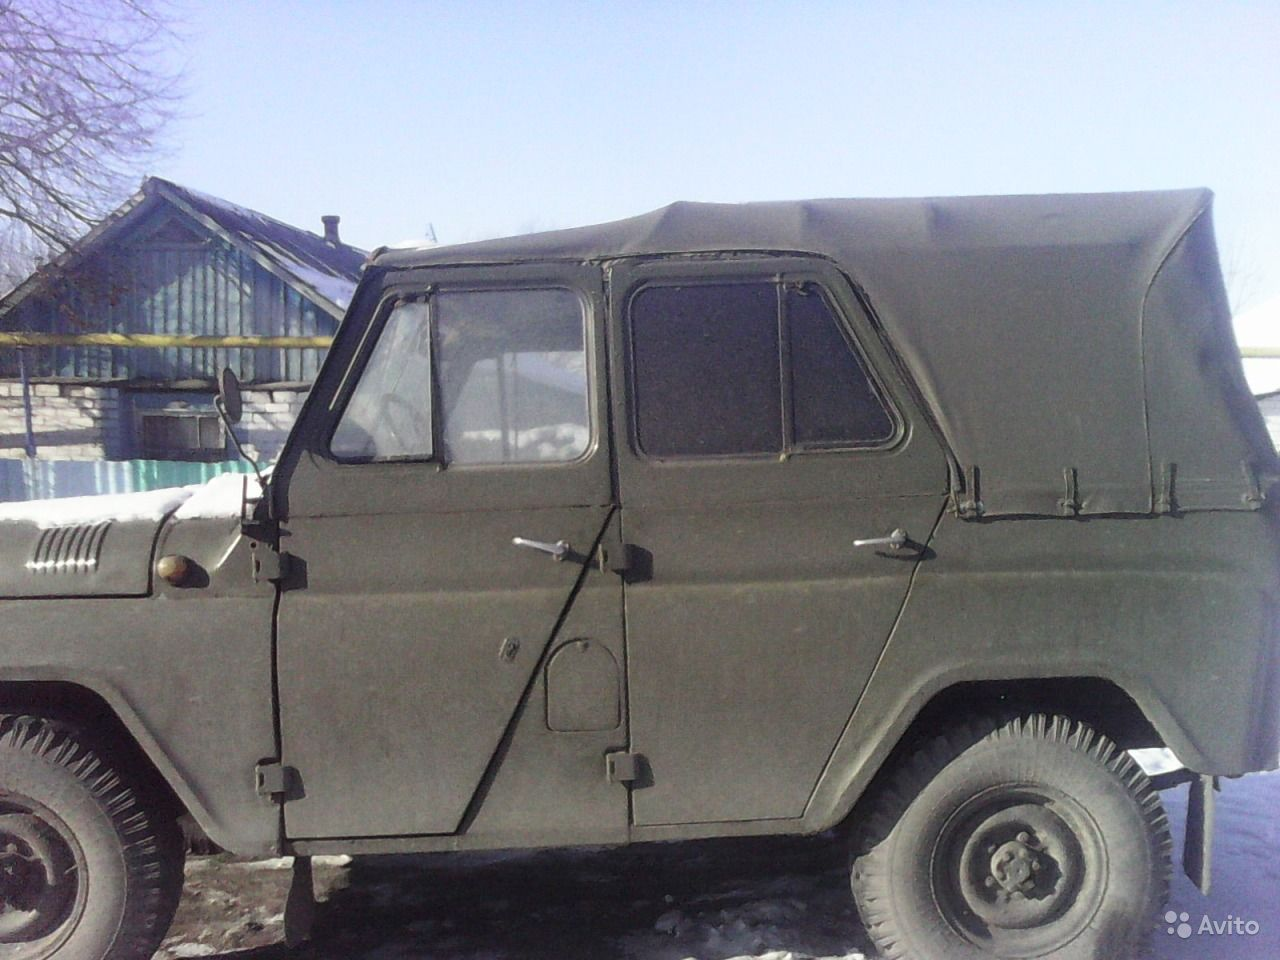 Объявление о продаже уаз 31512, 1986 в республике саха (якутия) на avito